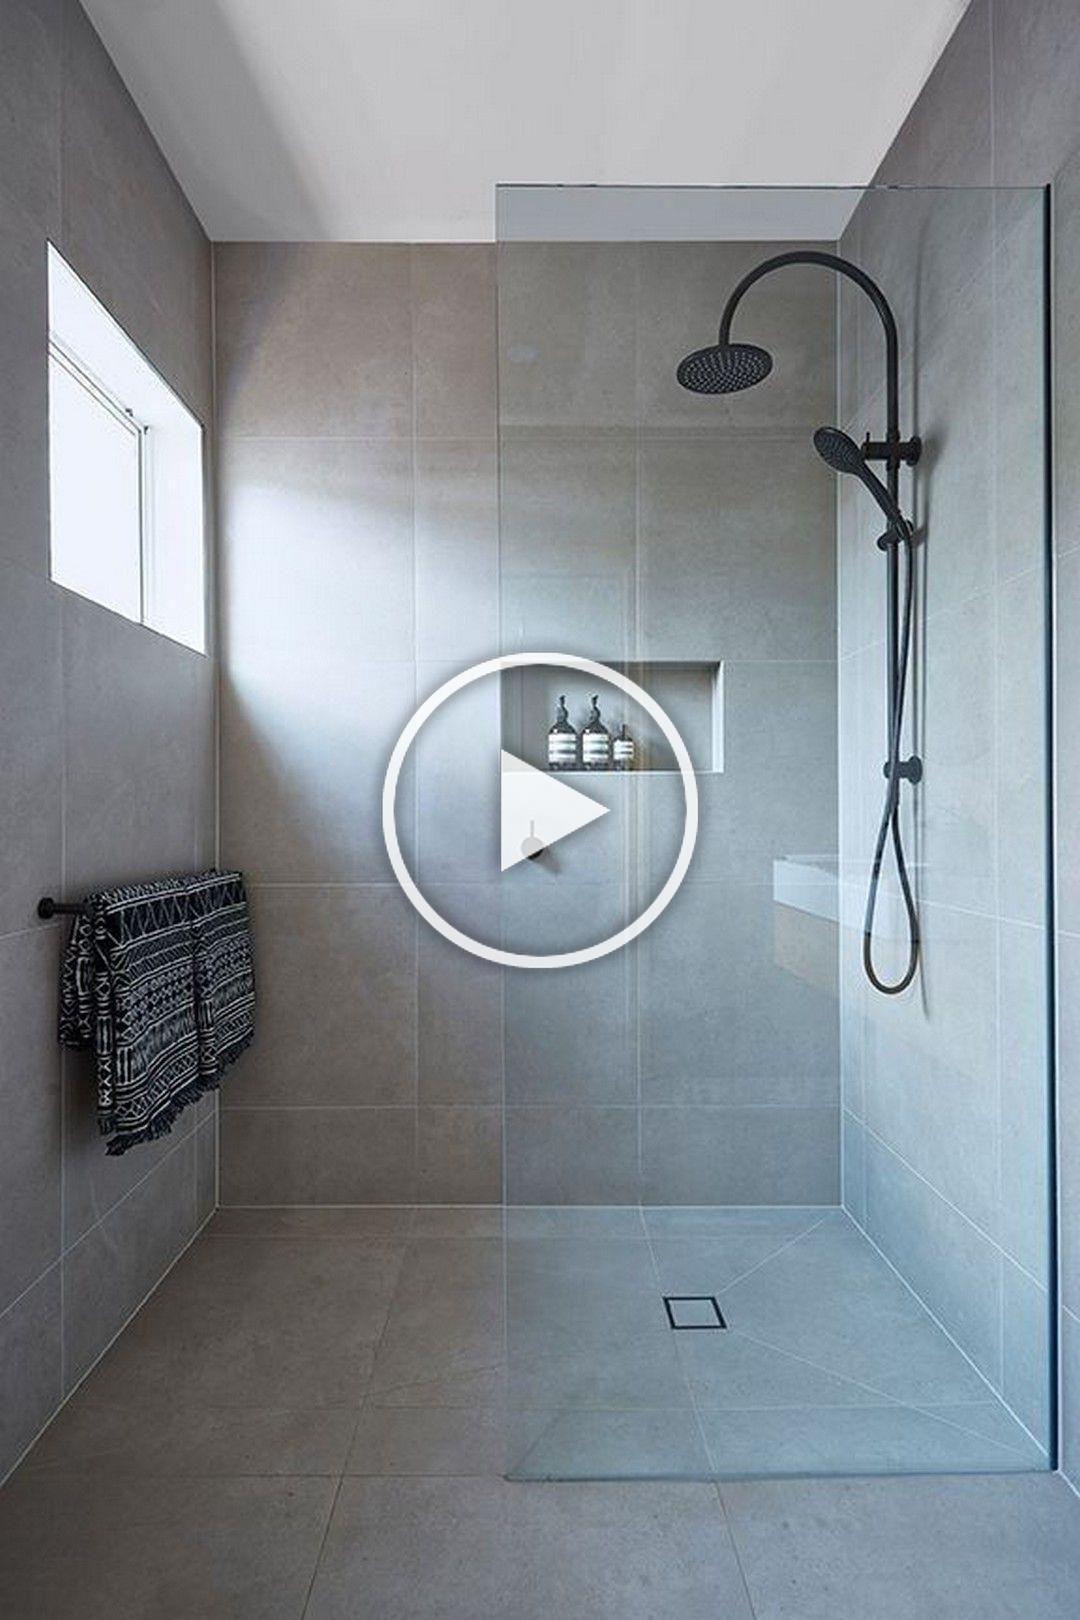 Minimalist Bathroom Decoration With A Beautiful Shower And Fit To Be Placed In A Minima In 2020 Kleines Bad Renovierungen Moderne Kleine Bader Badezimmer Renovierungen